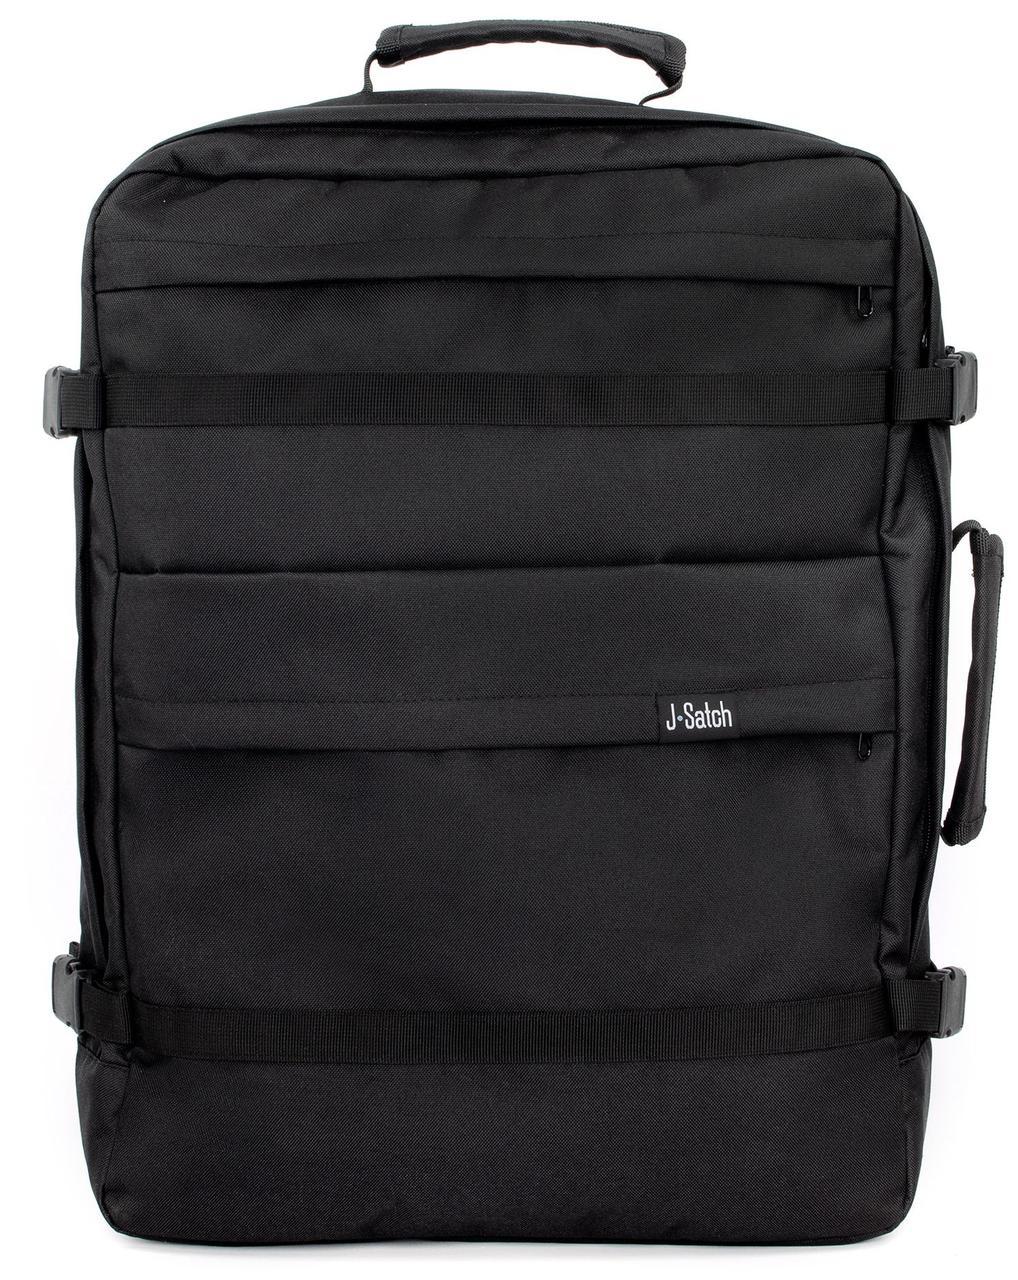 Рюкзак-сумка Wascobags Traveller 44 л, ручная кладь